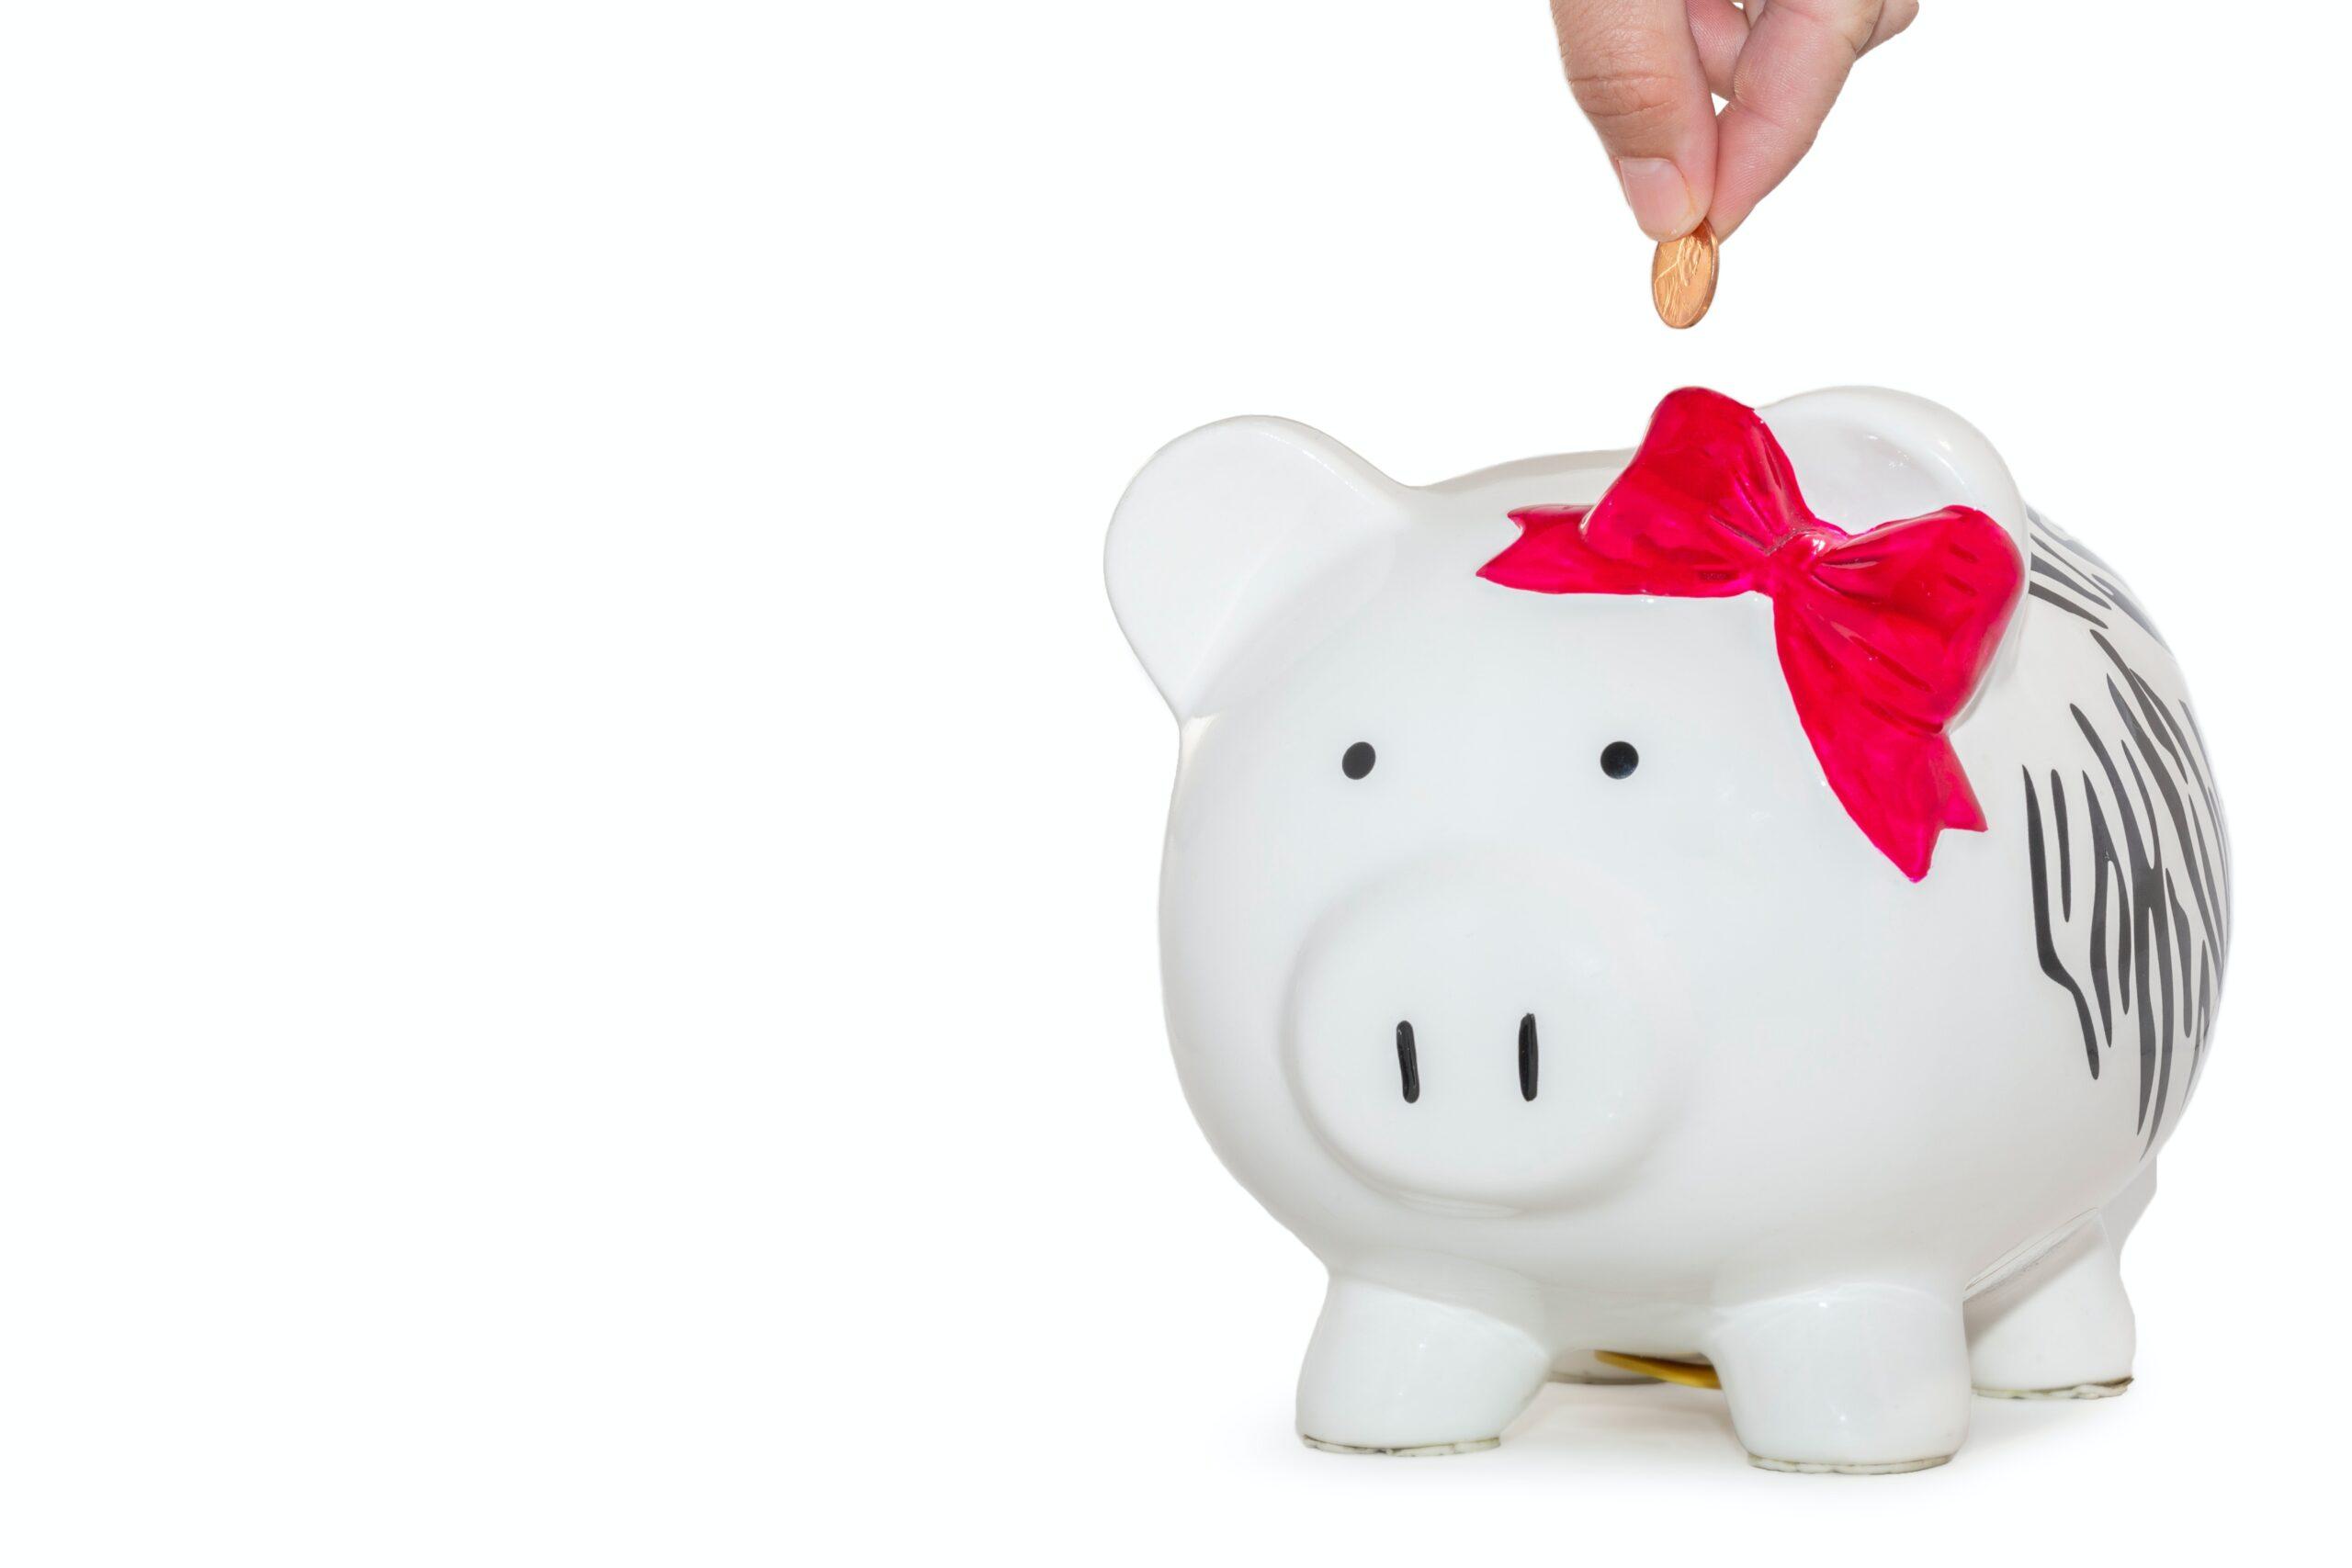 Apprendre à économiser